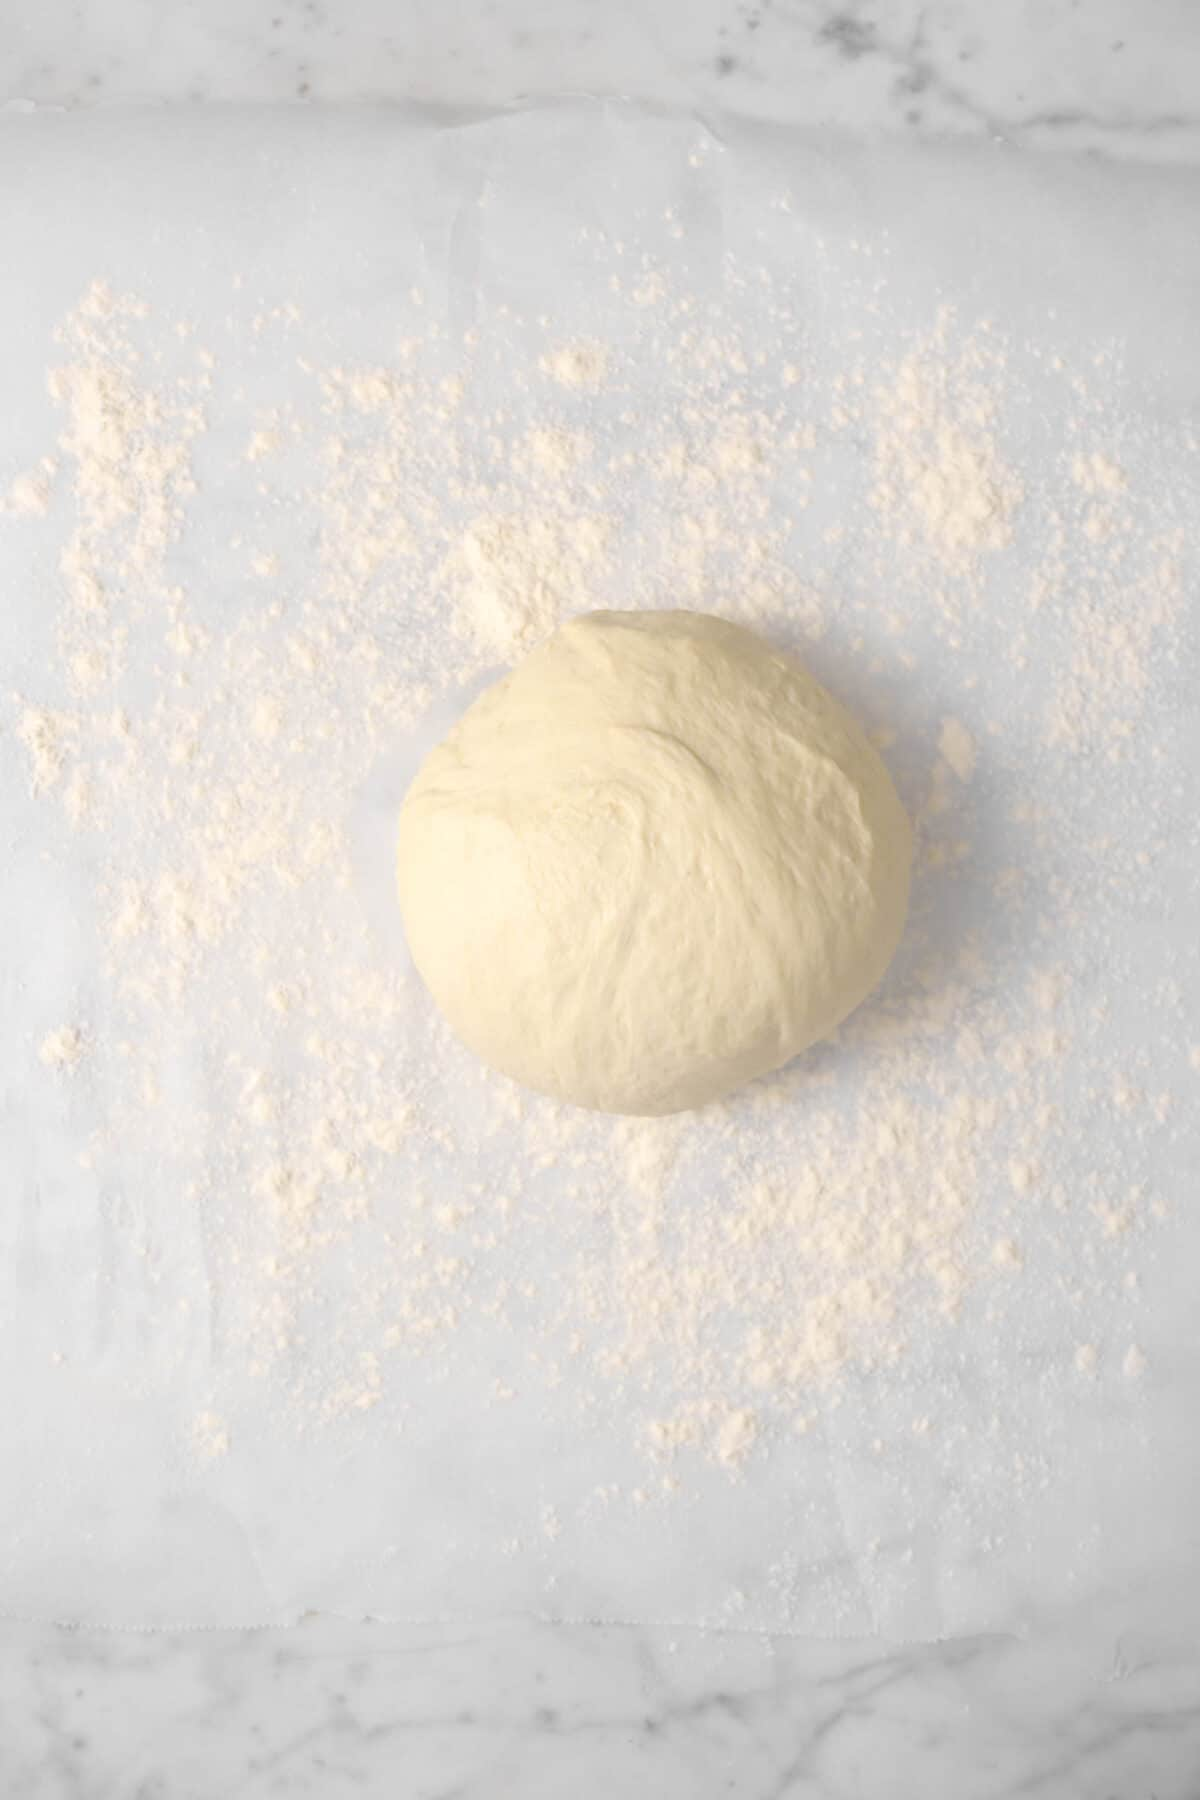 pizza dough on a piece of floured parchment paper